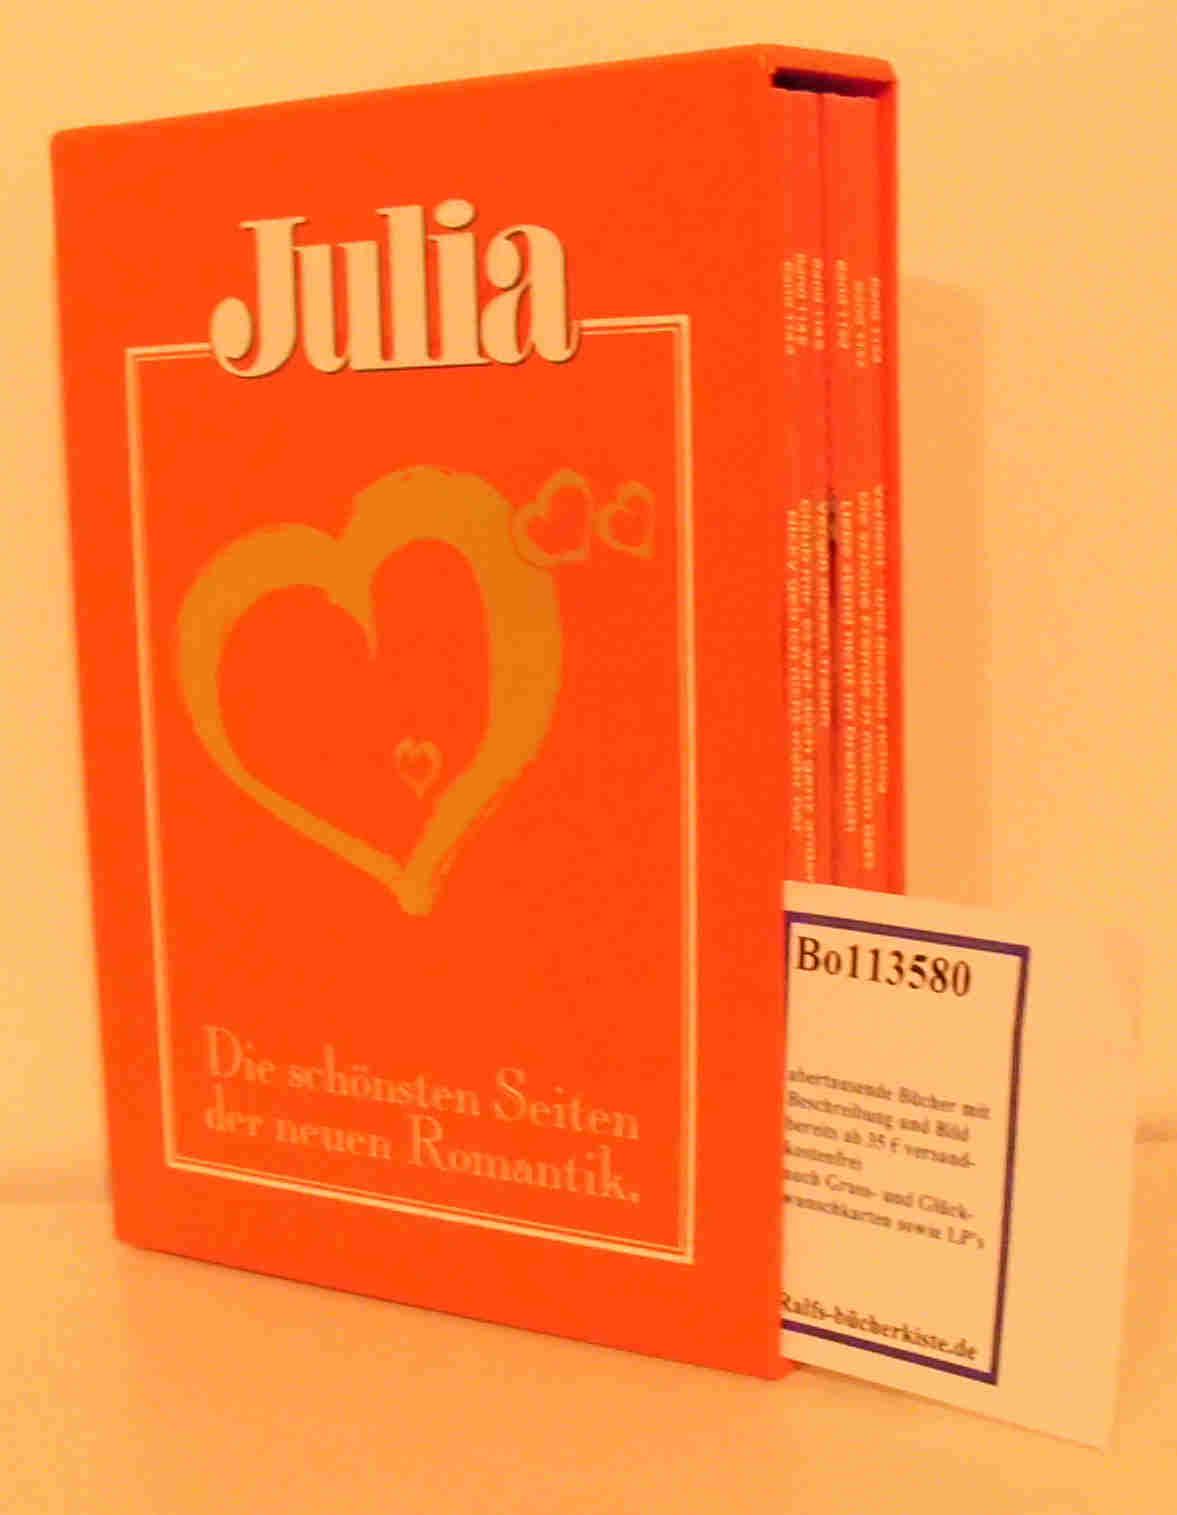 Julia Die schönsten Seiten der neuen Romantik Band 15 - 20 1/95 im Schuber